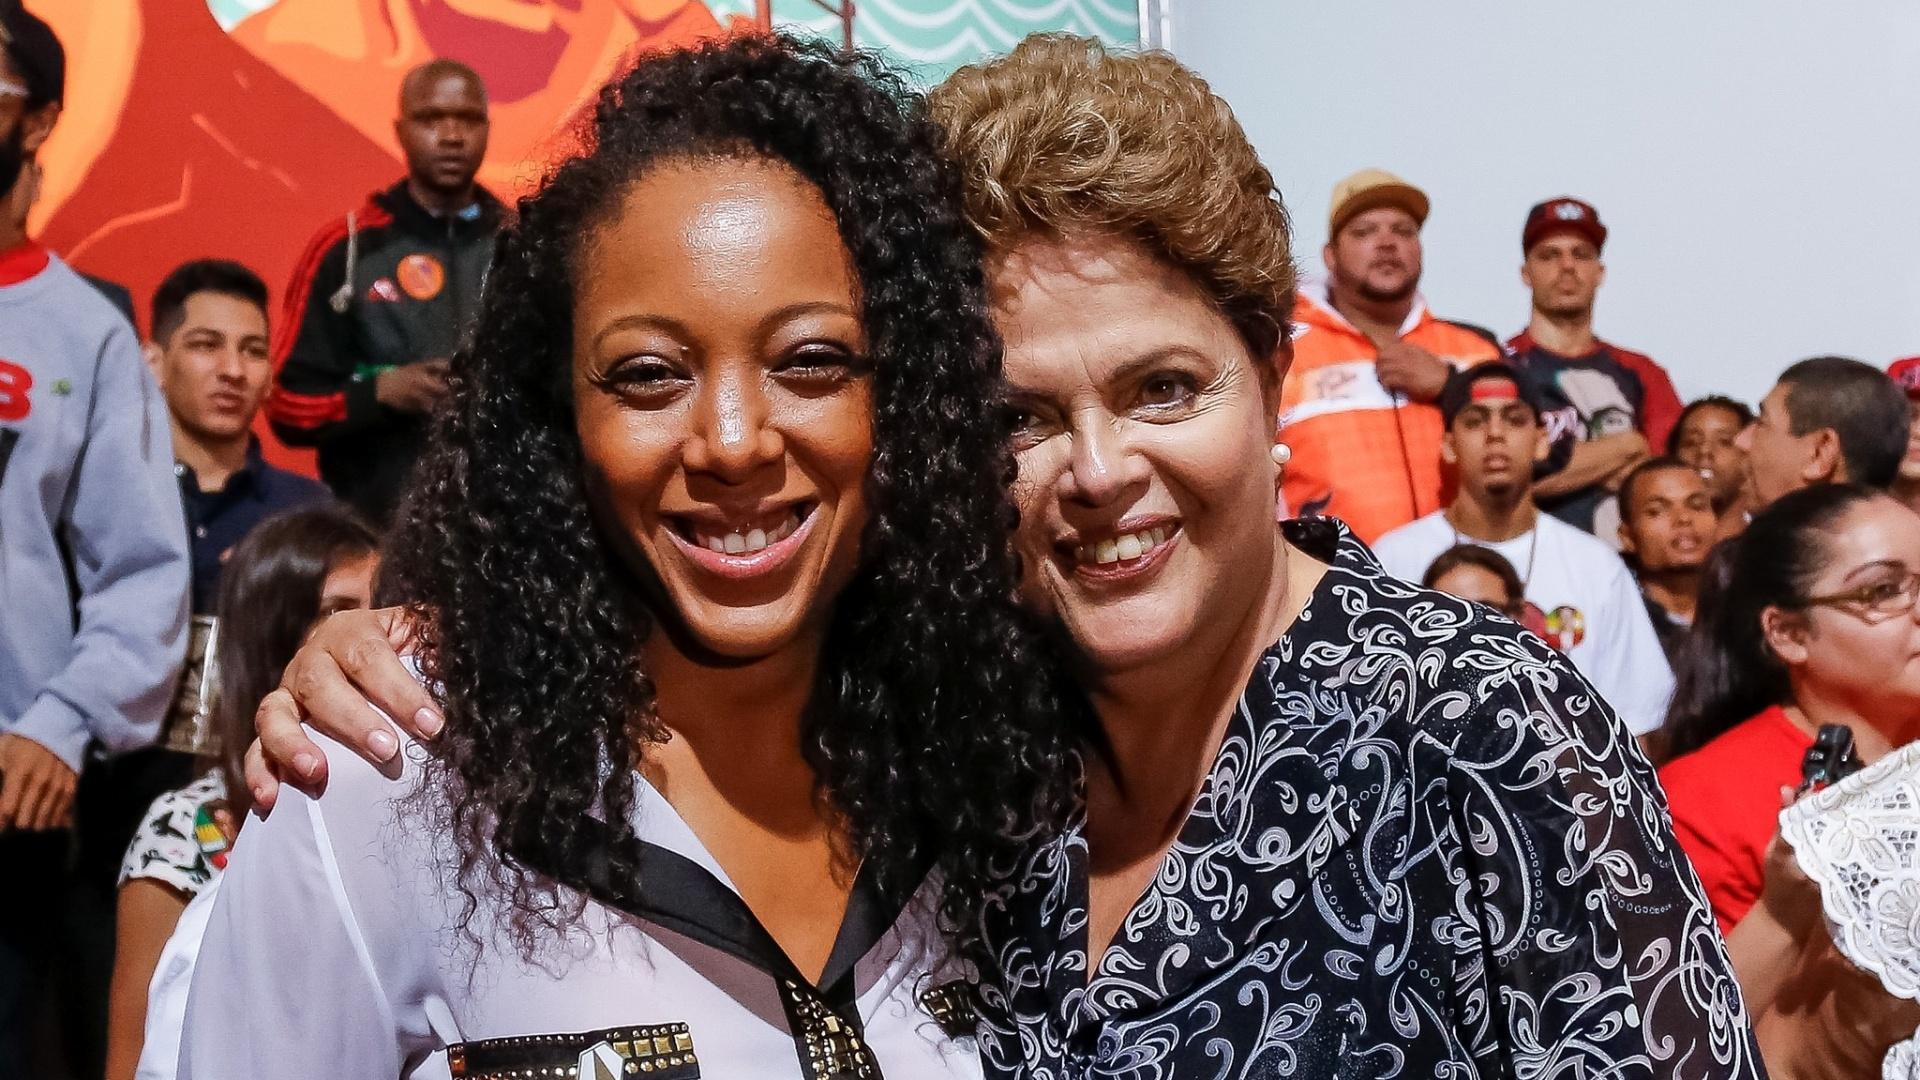 21.out.2014 - Em manifestação de apoio à reeleição da presidente Dilma Rousseff, a cantora Negra Li participou de ato Periferia com Dilma, em Itaquera, na zona leste de São Paulo